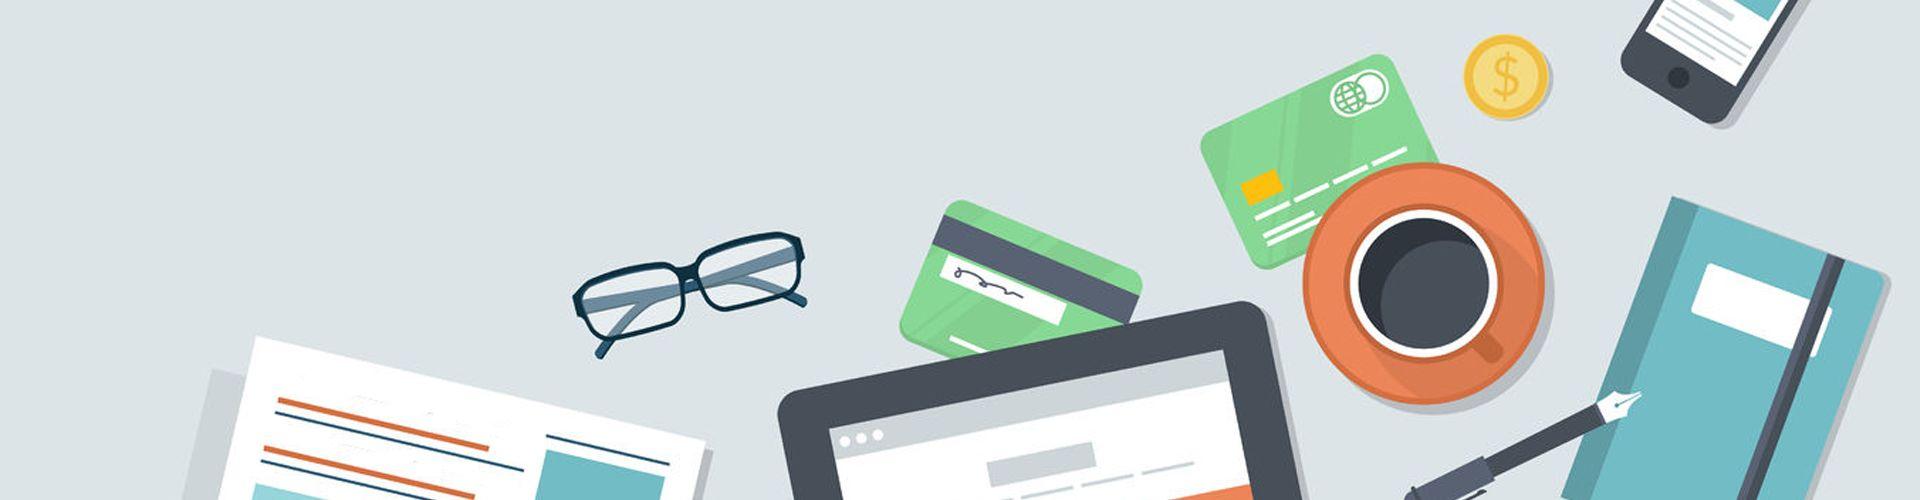 Web Design Company Pricing